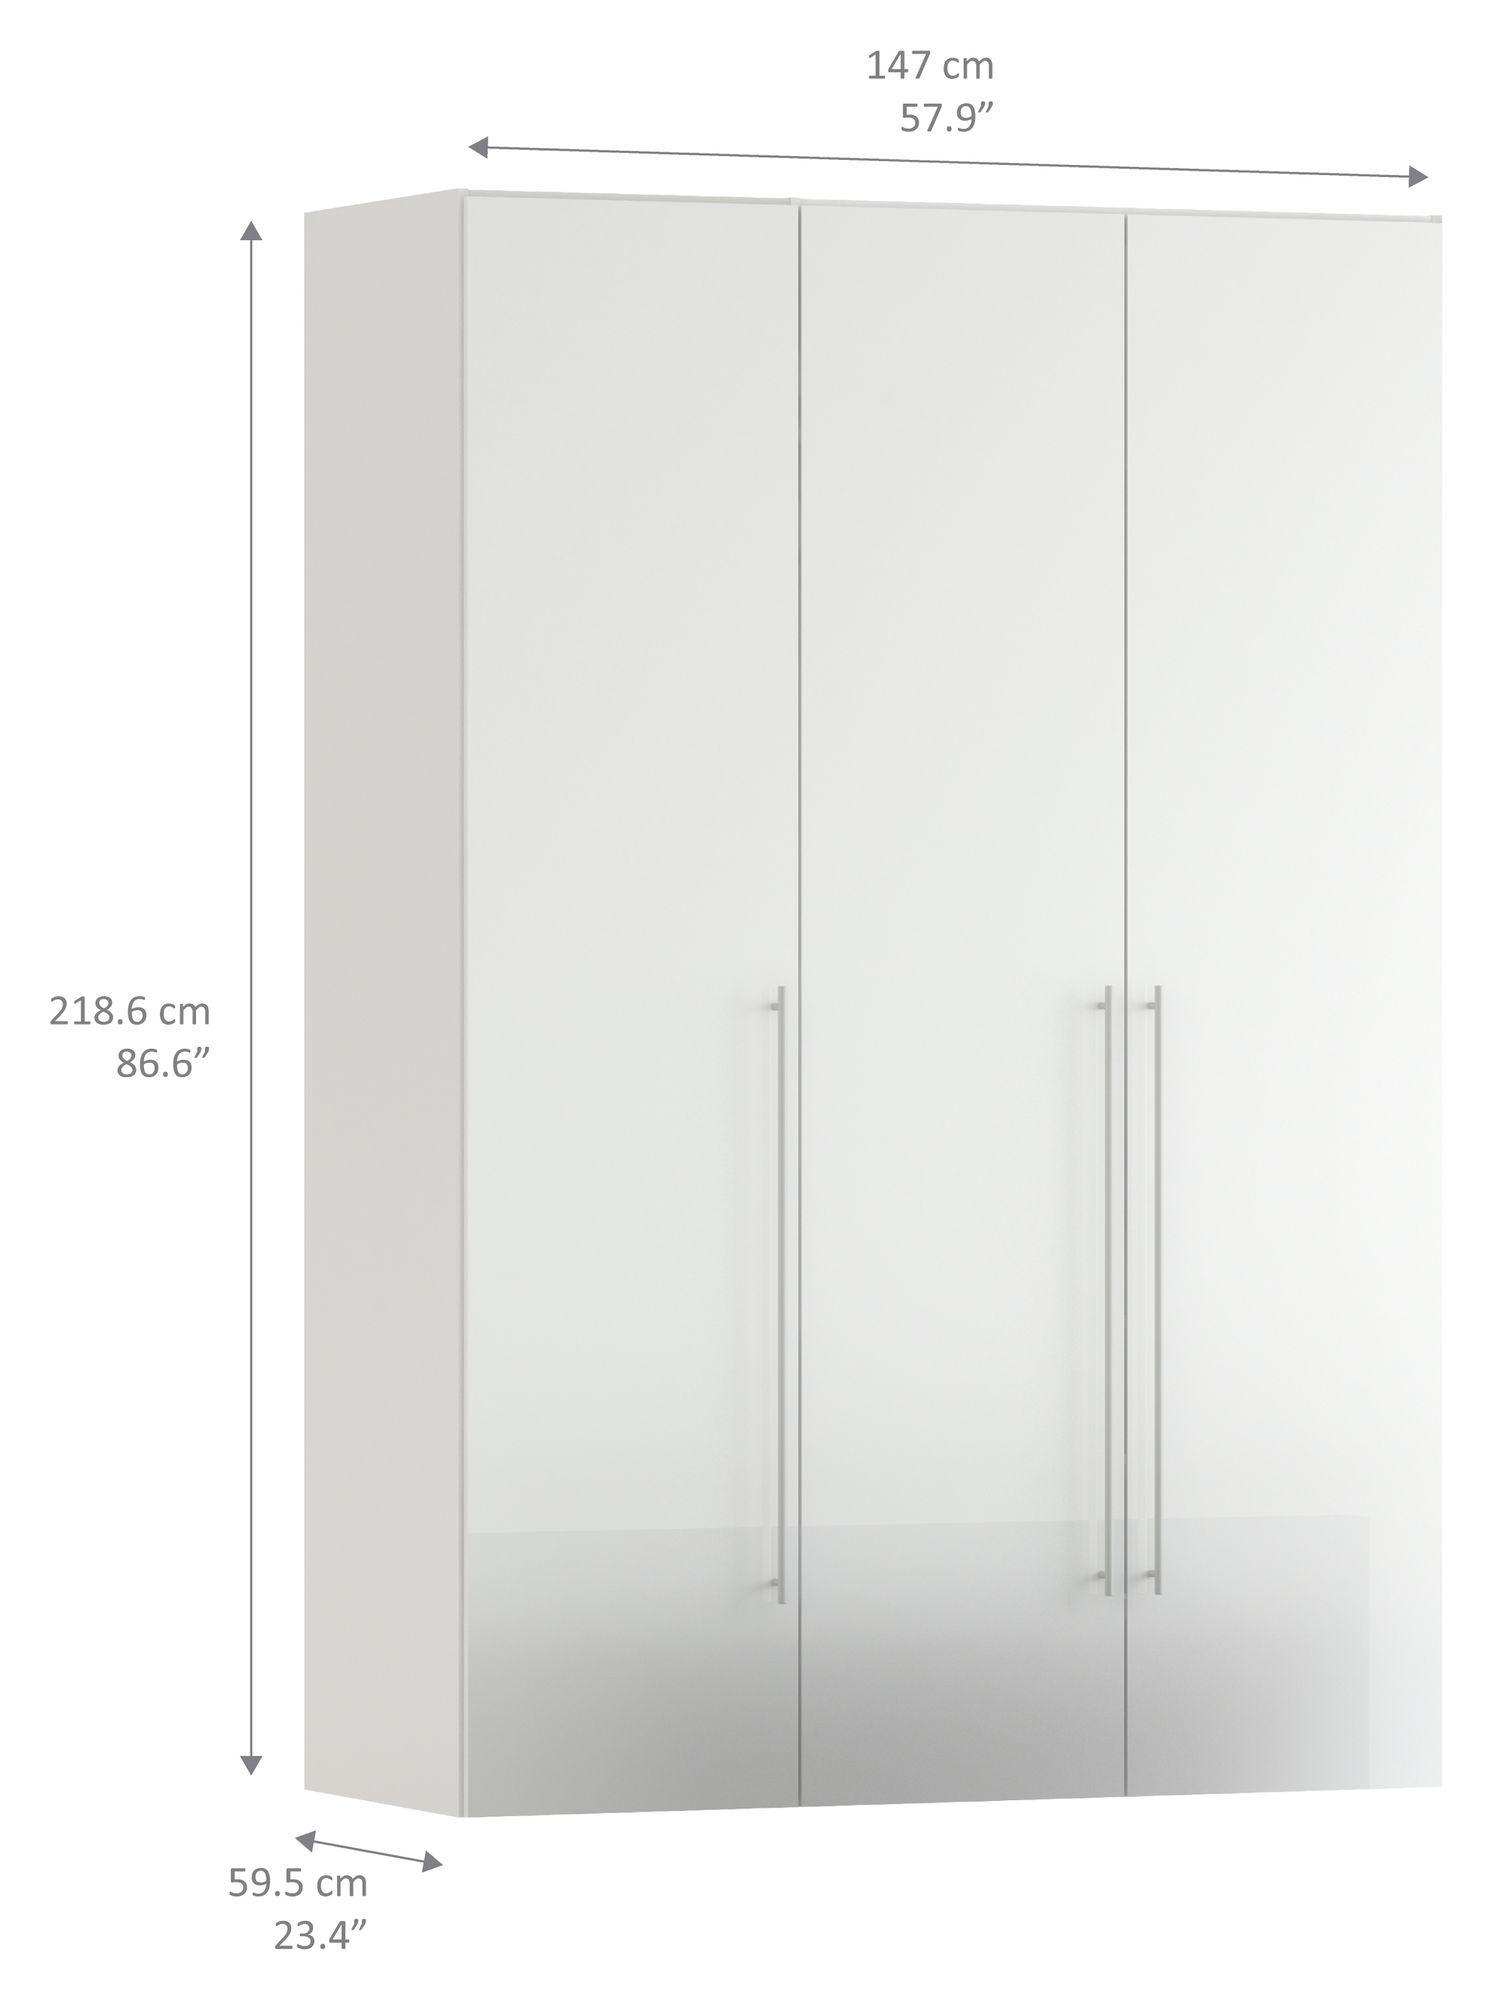 Magnum Garderobeskab - Hvid højglans - Låger i hvid højglans